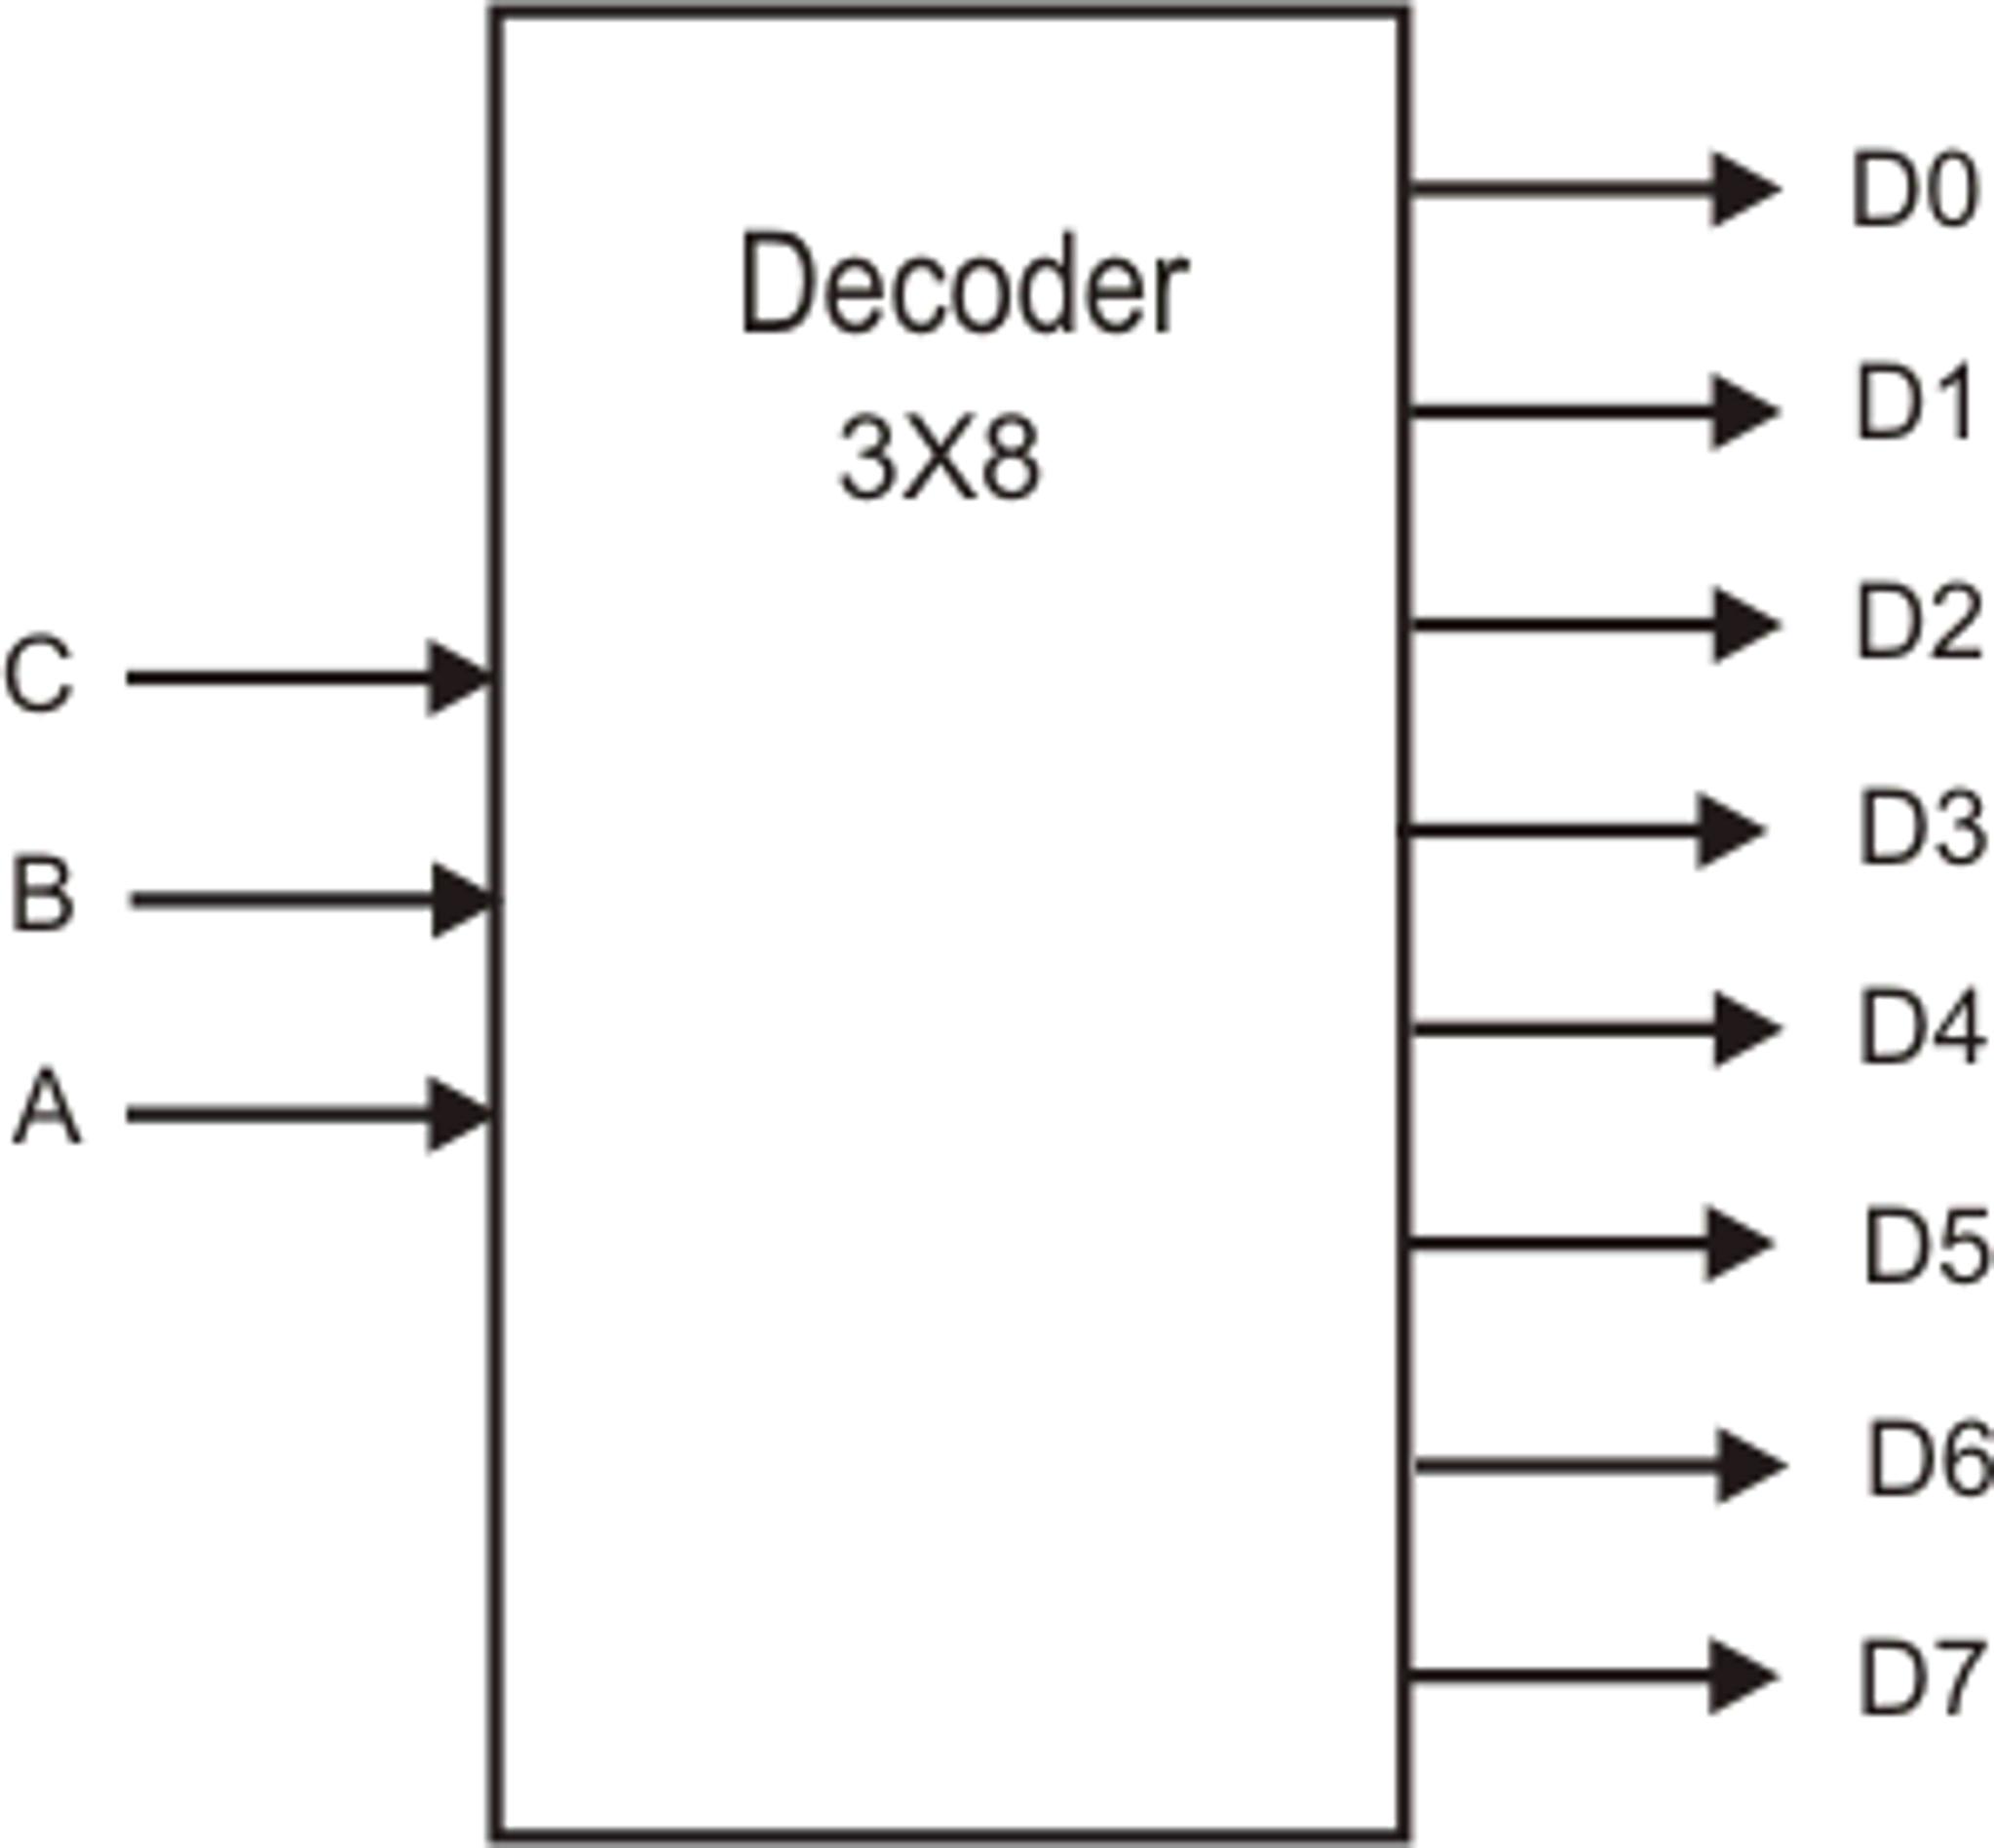 Decoder 3x8 Di D3 D5 Chegg Com